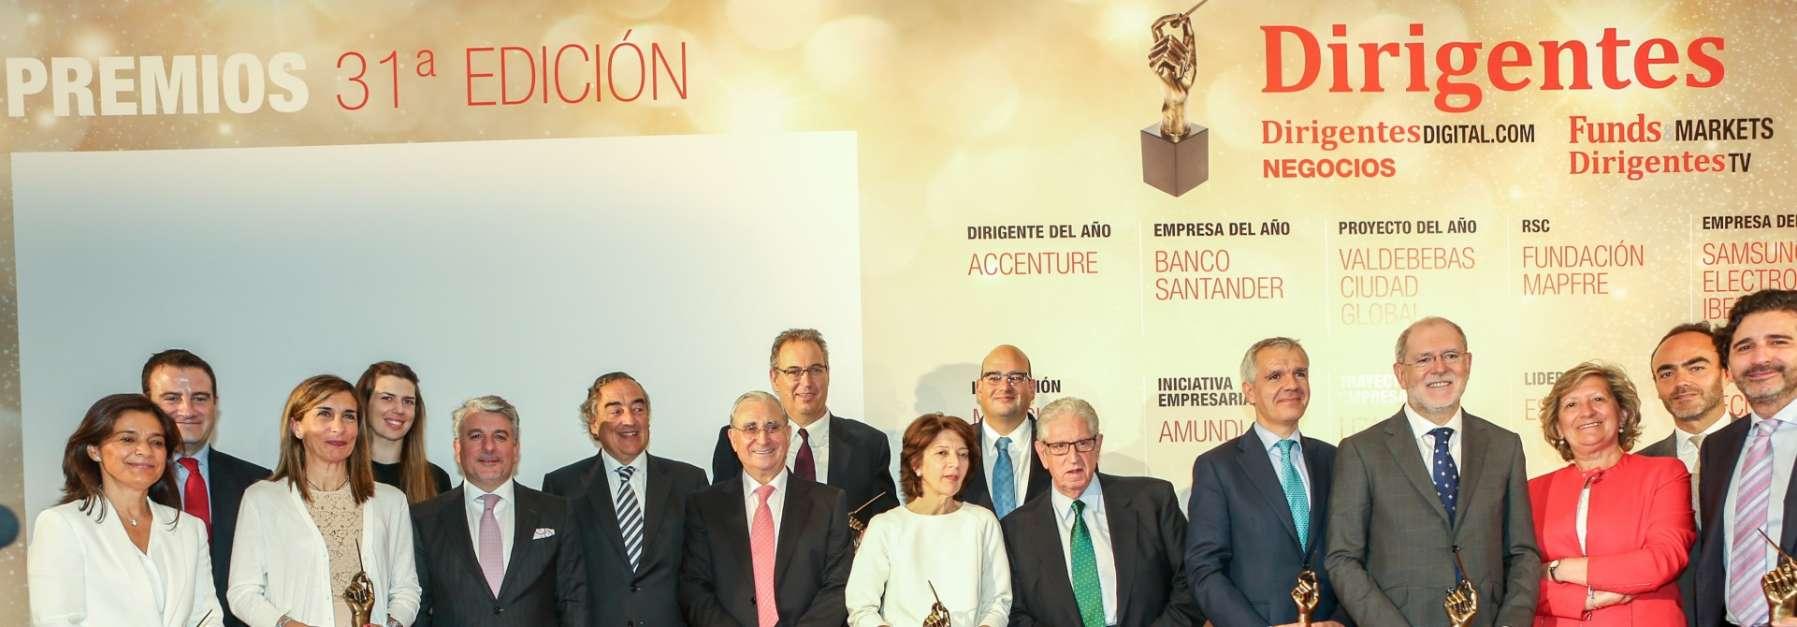 Premio 'Proyecto del año' por la revista Dirigentes para Valdebebas